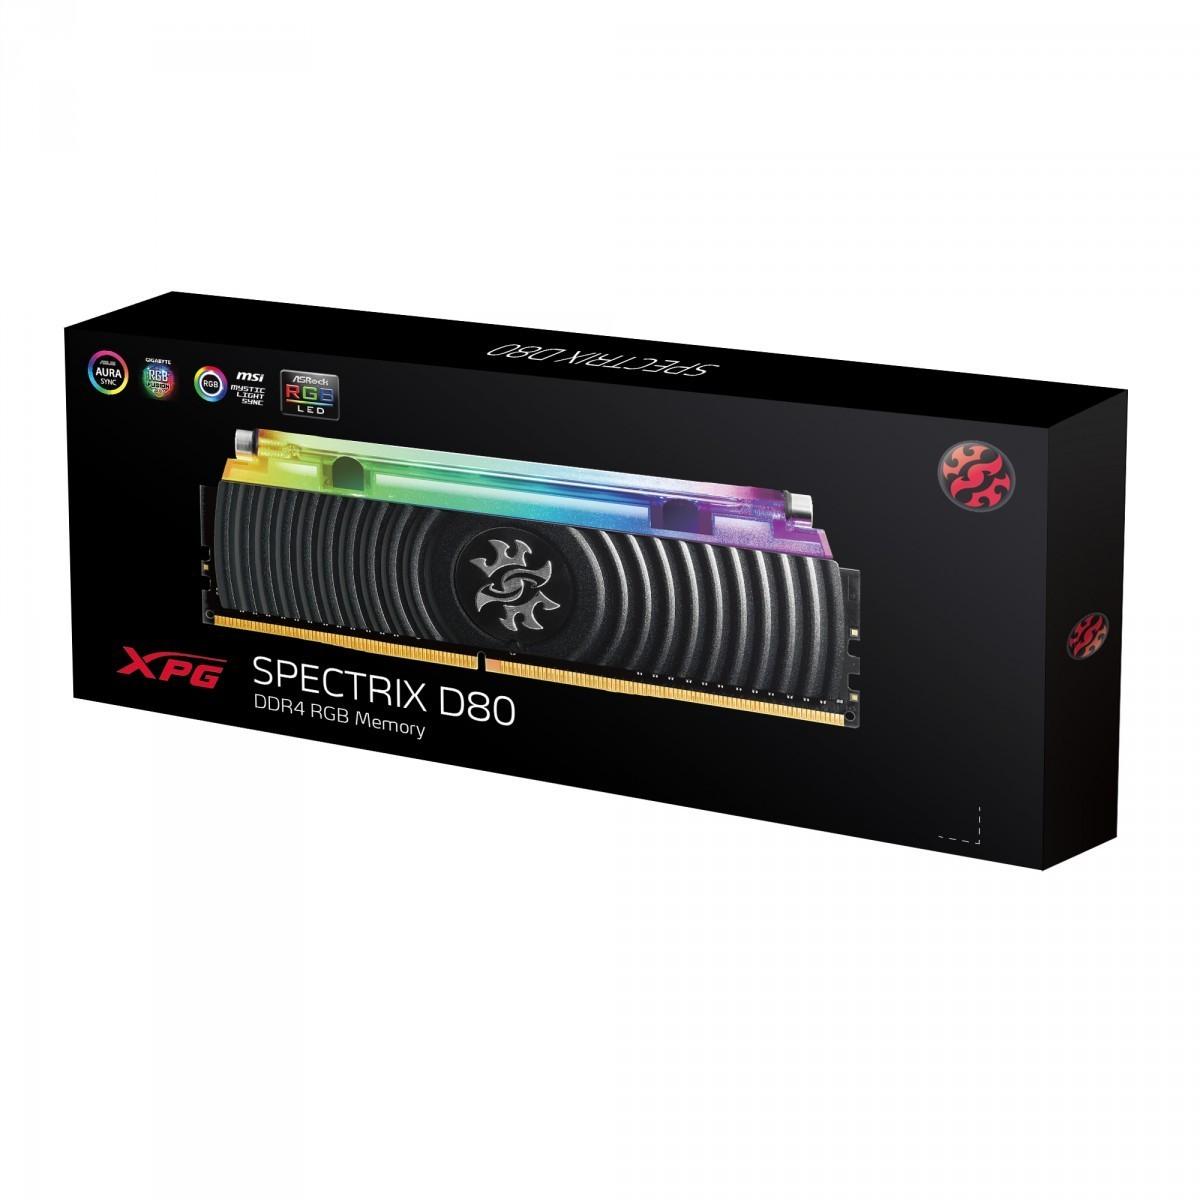 Memória DDR4 XPG Spectrix D80, 8GB, 3200Mhz, CL16, RGB, Black, AX4U320038G16-SB80